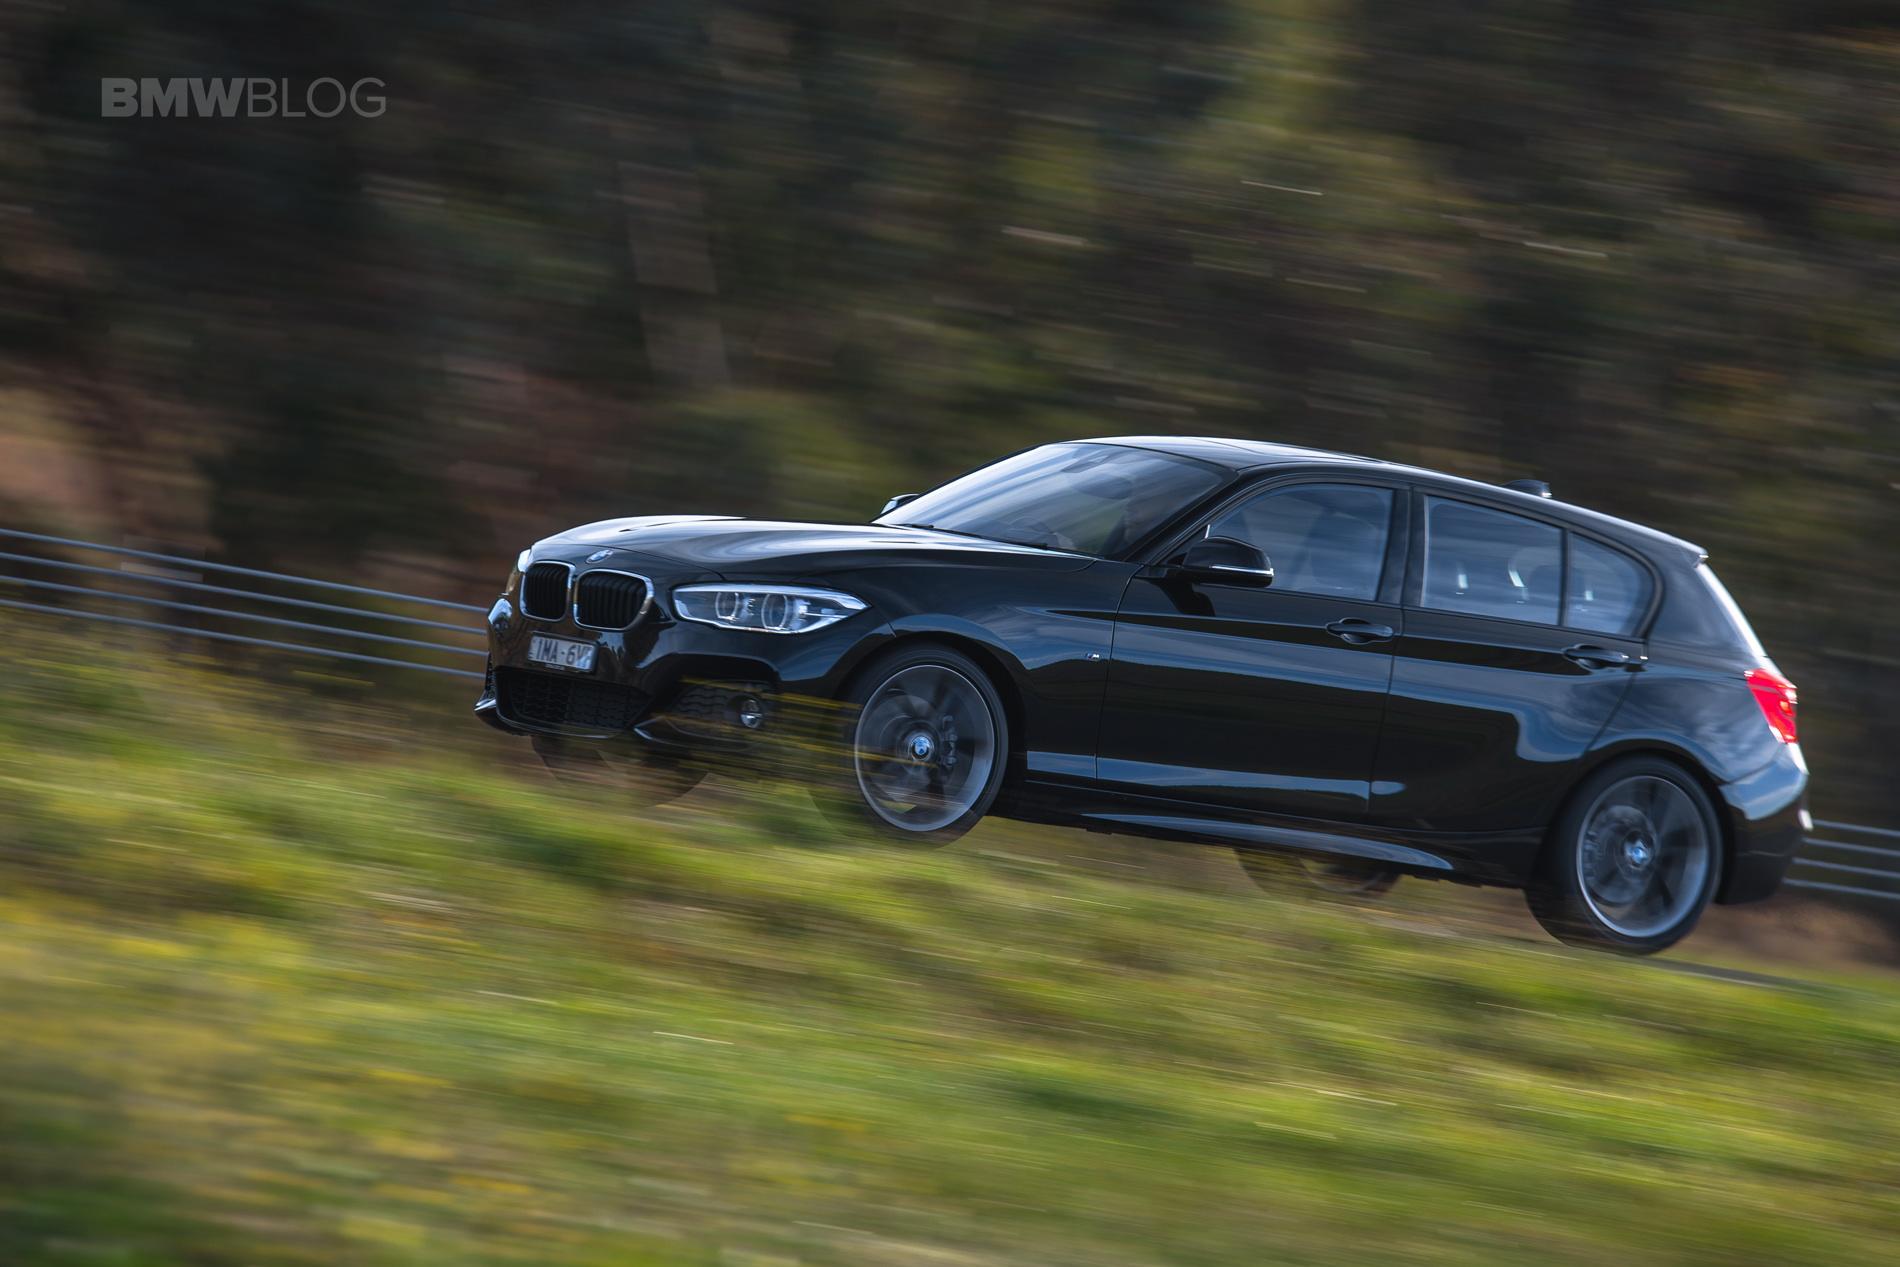 BMW 120i hatchback test drive 25